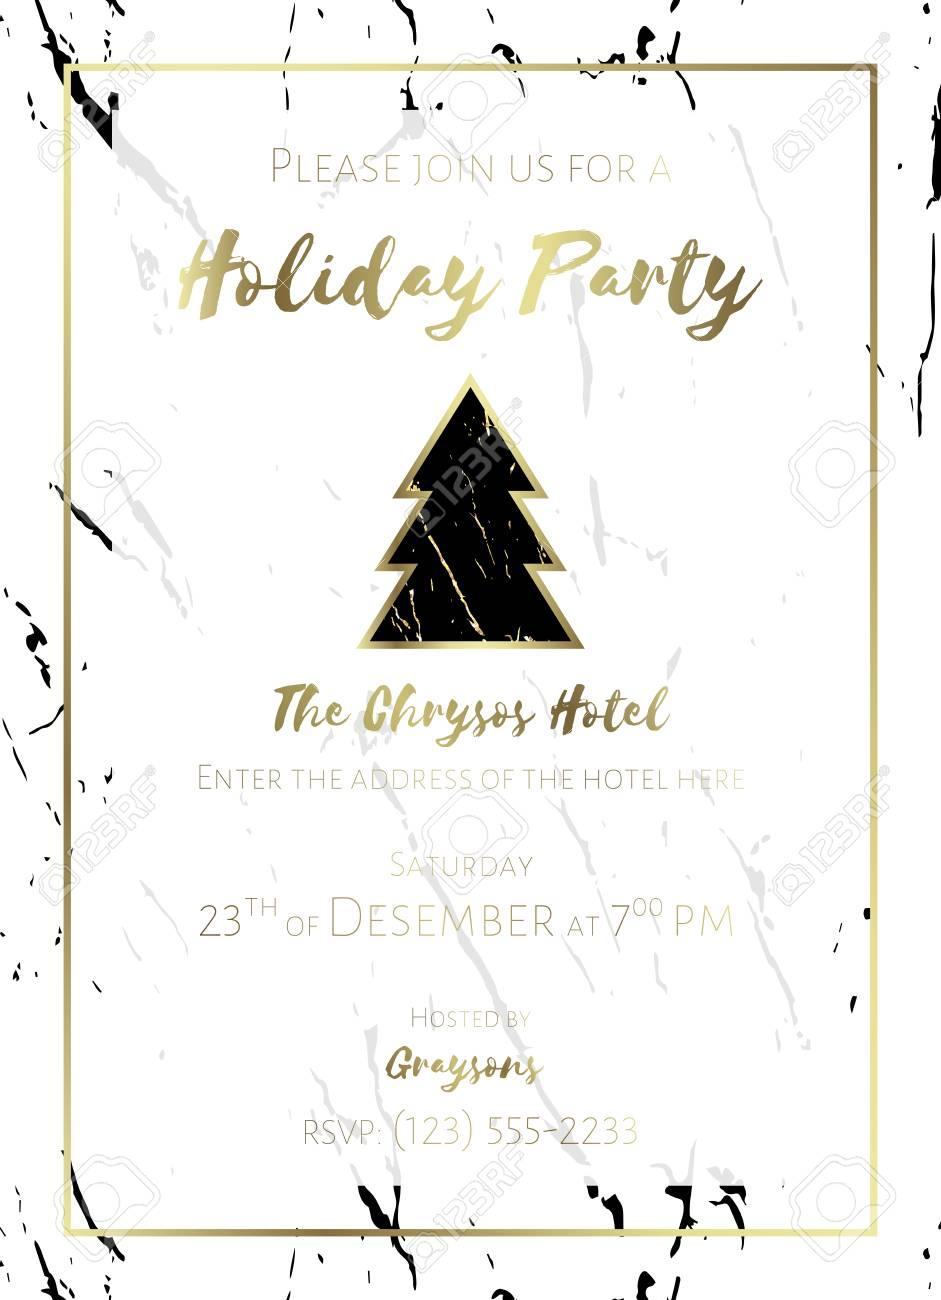 Invito A Una Festa Sfondo In Marmo Bianco E Nero E Testo In Oro Modello Di Progettazione Di Natale Per Flyer O Poster Modello Senza Cuciture